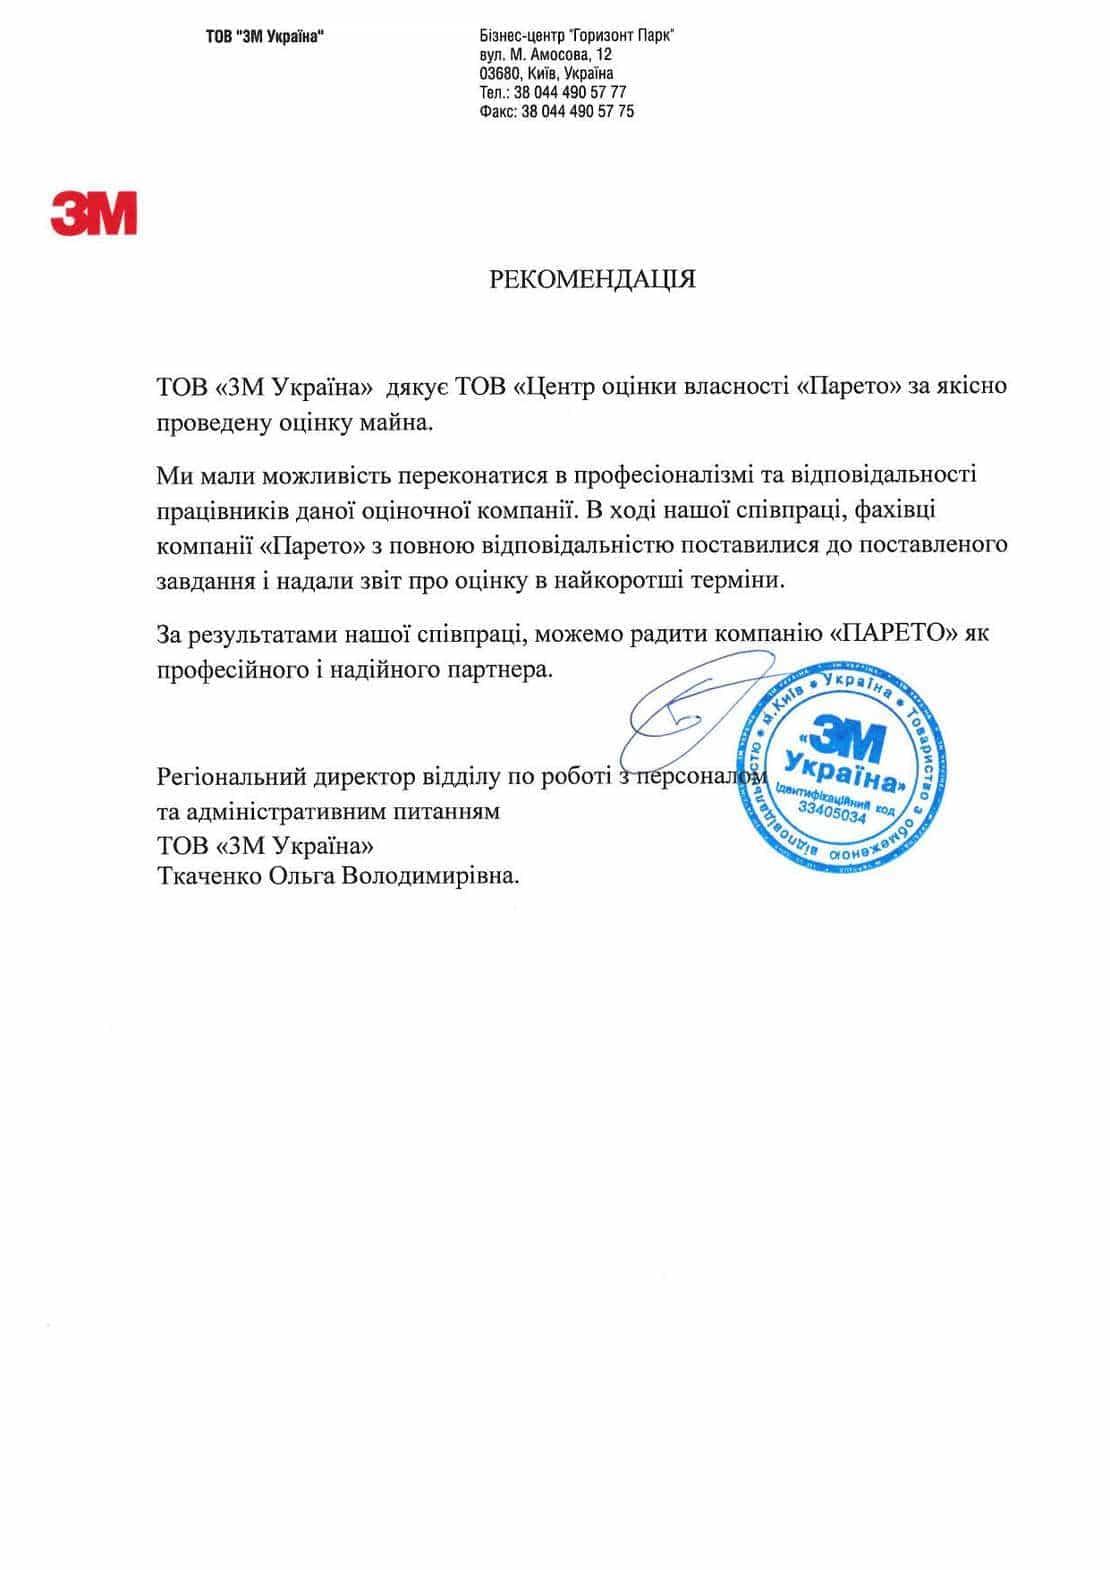 ЭКСПЕРТНАЯ ОЦЕНКА ПРЕДПРИЯТИЯ, Рекомендация от из одной из самых инновационных производственных компаний мира «3М Украина»